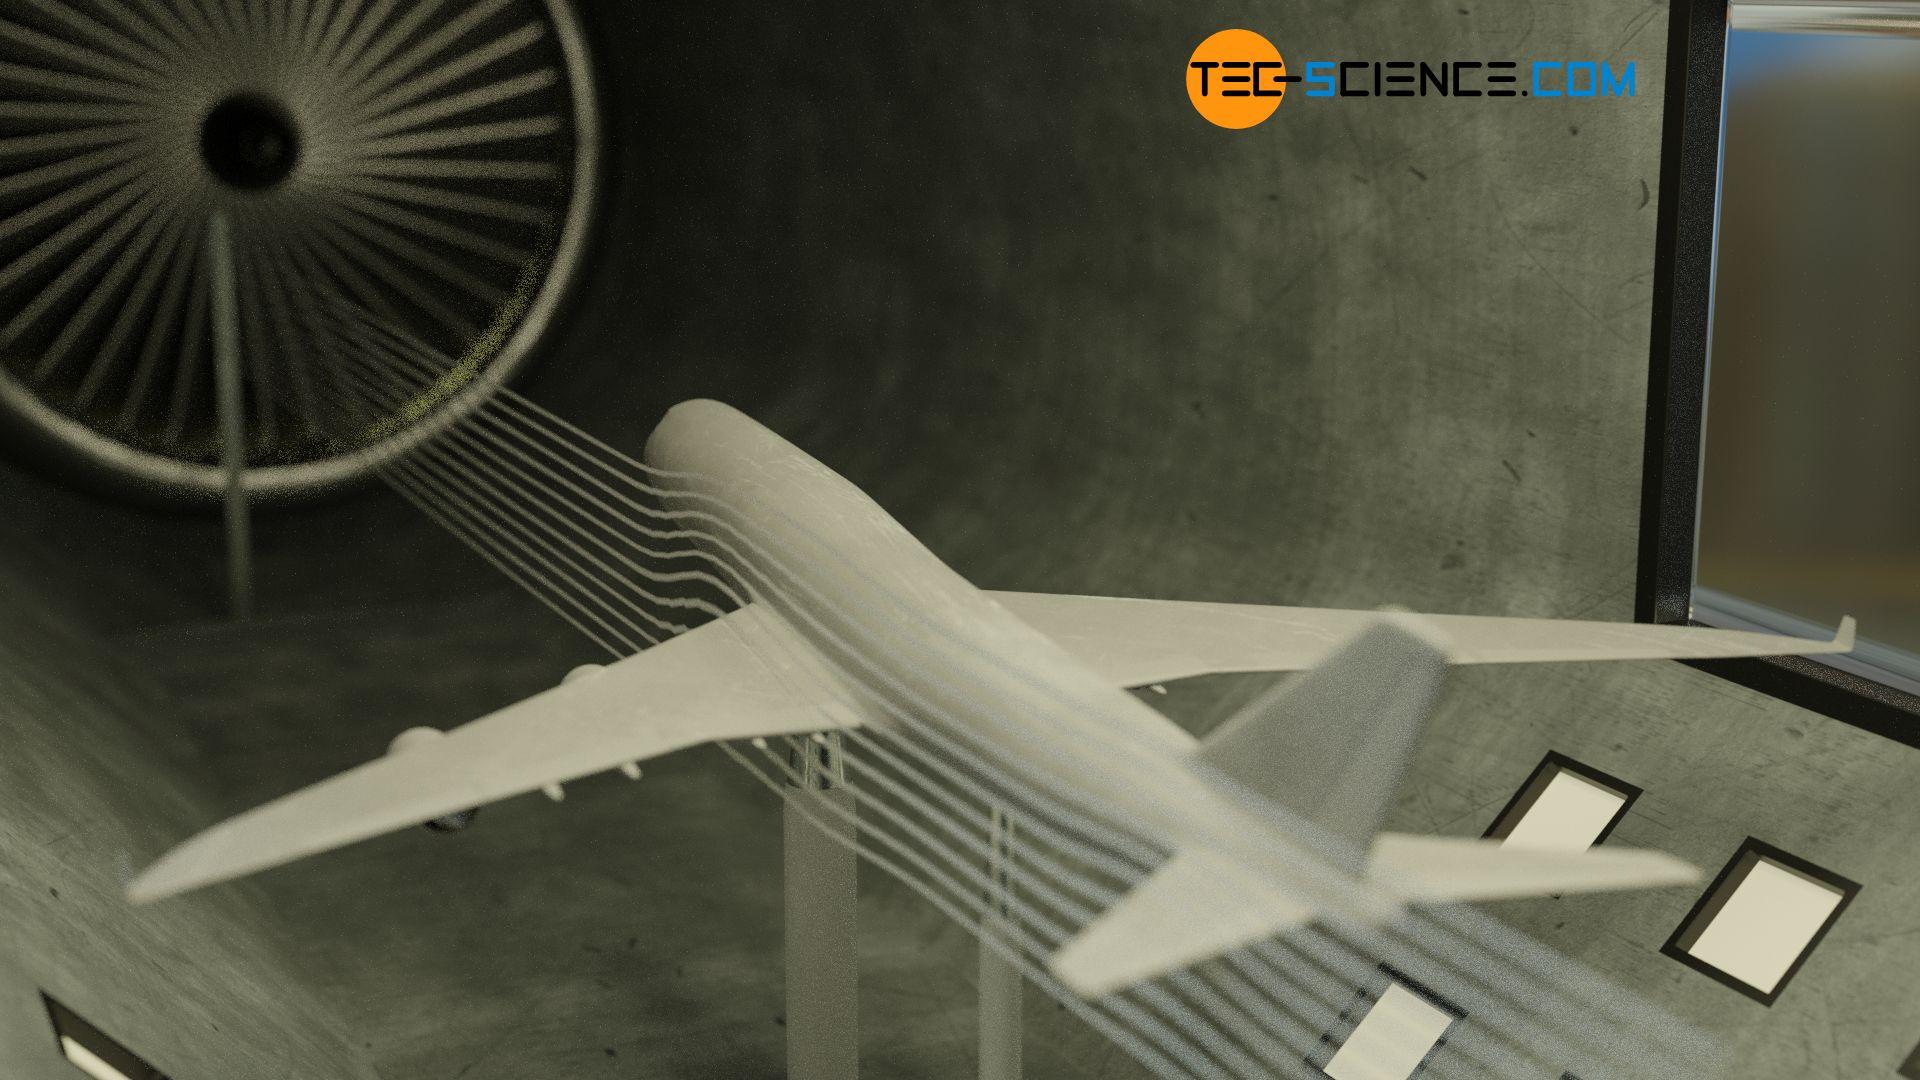 Flugzeugmodell im Windkanal zur Untersuchung des Umströmungsverhaltens